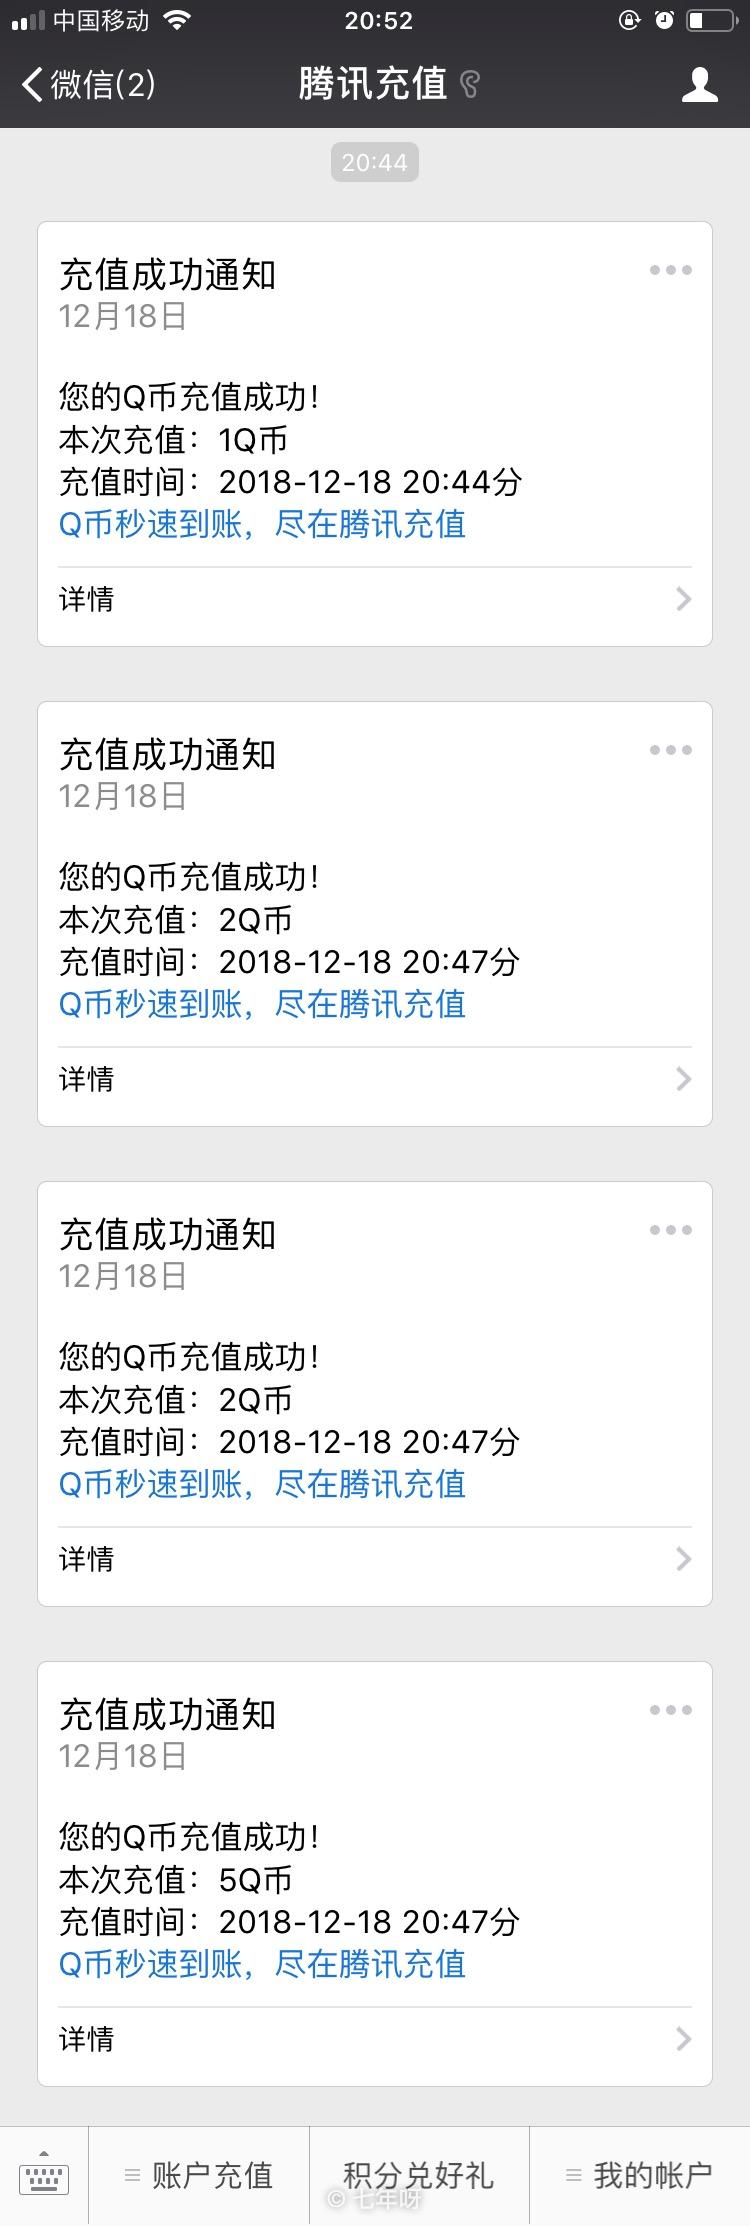 腾讯动漫app免费兑换8QB,年终回馈,亲测成功! 第2张